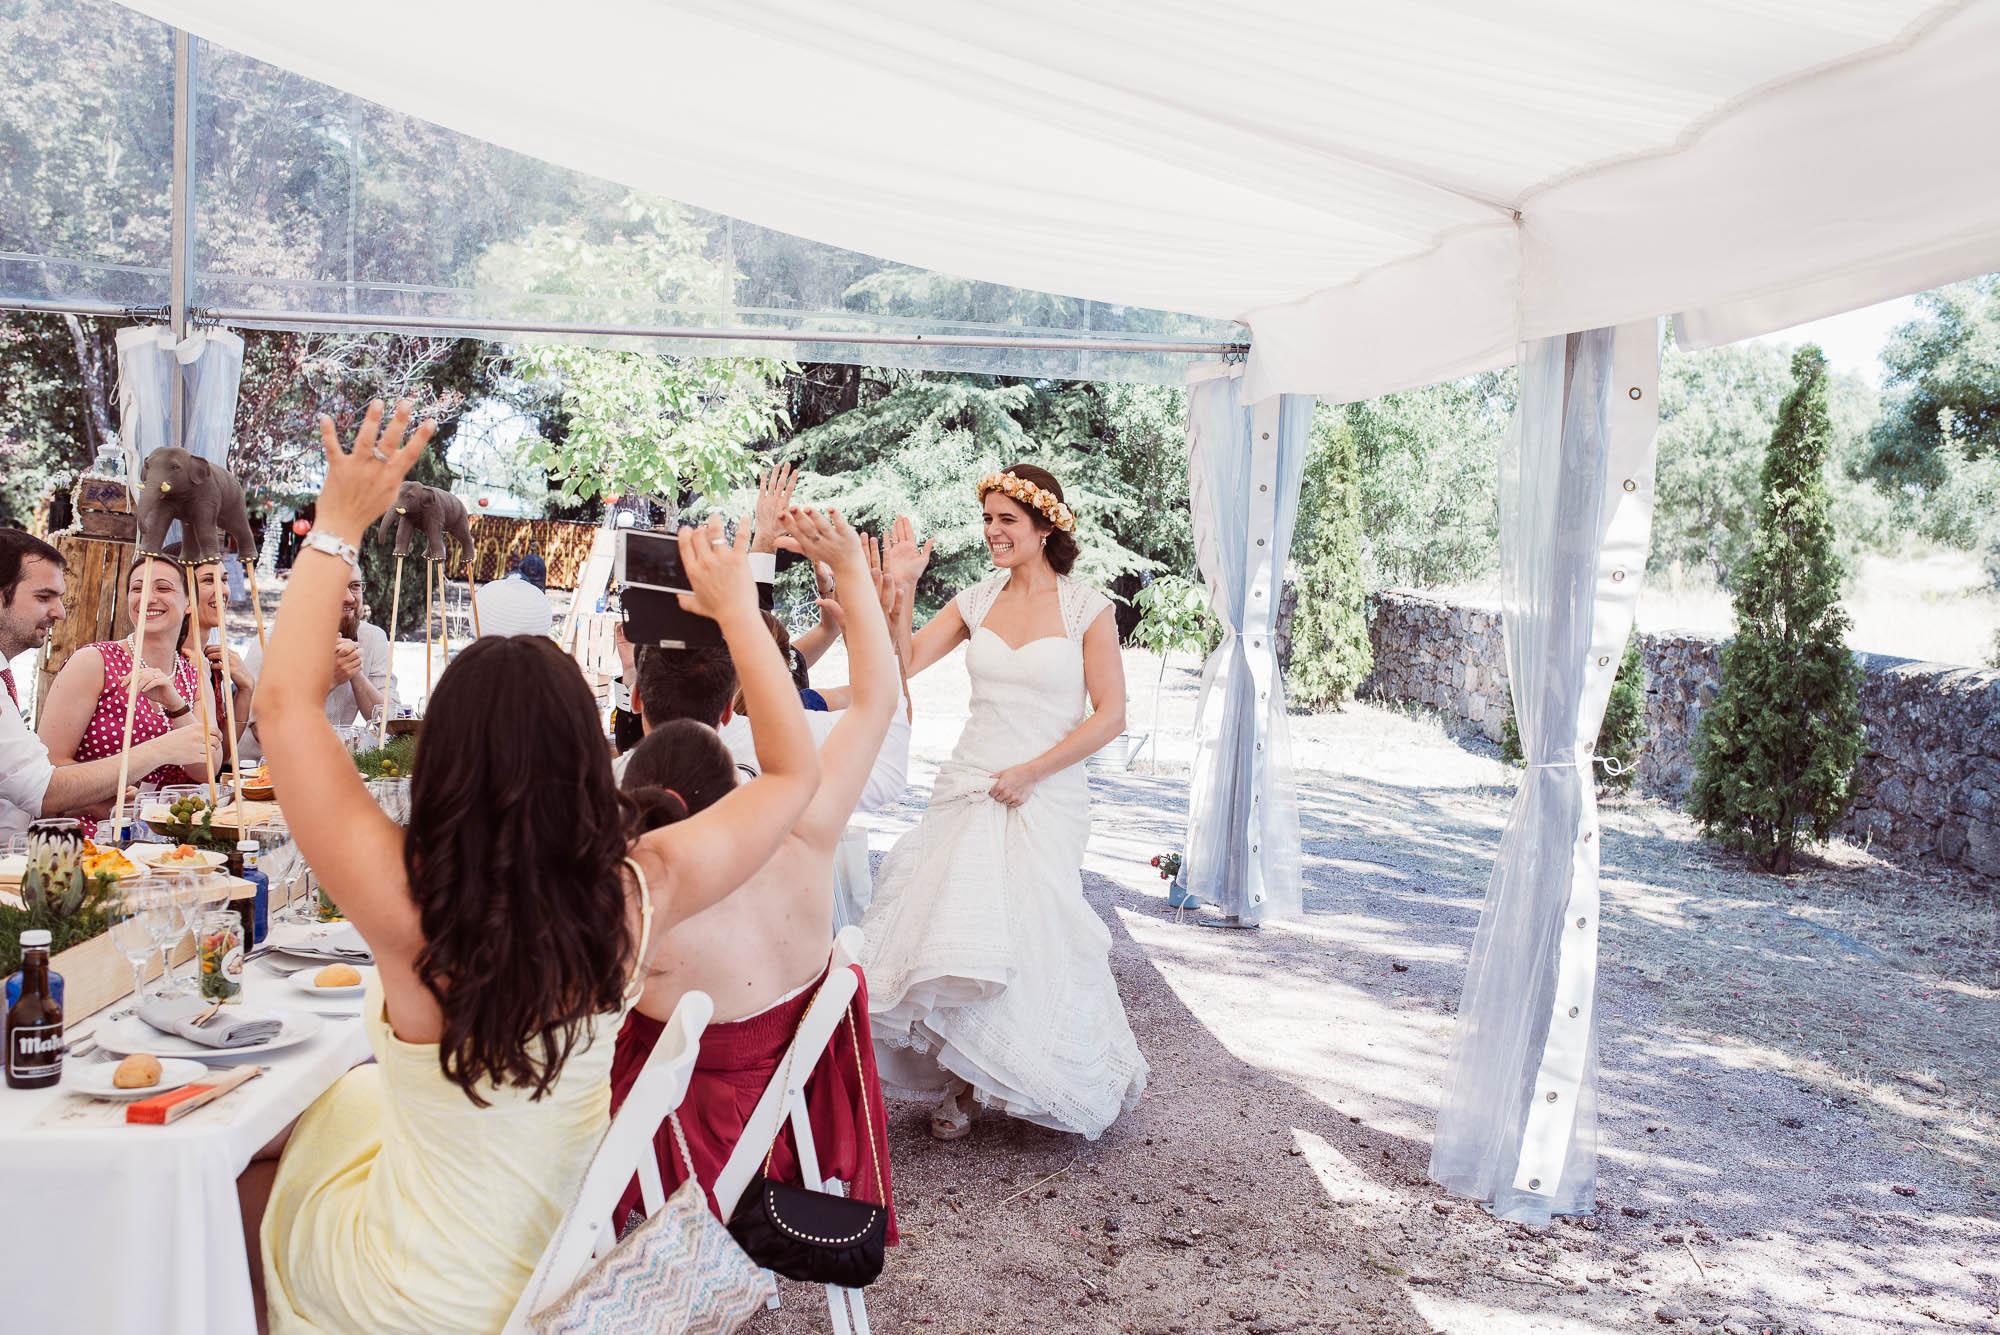 La novia llega al comedor saludando a los invitados